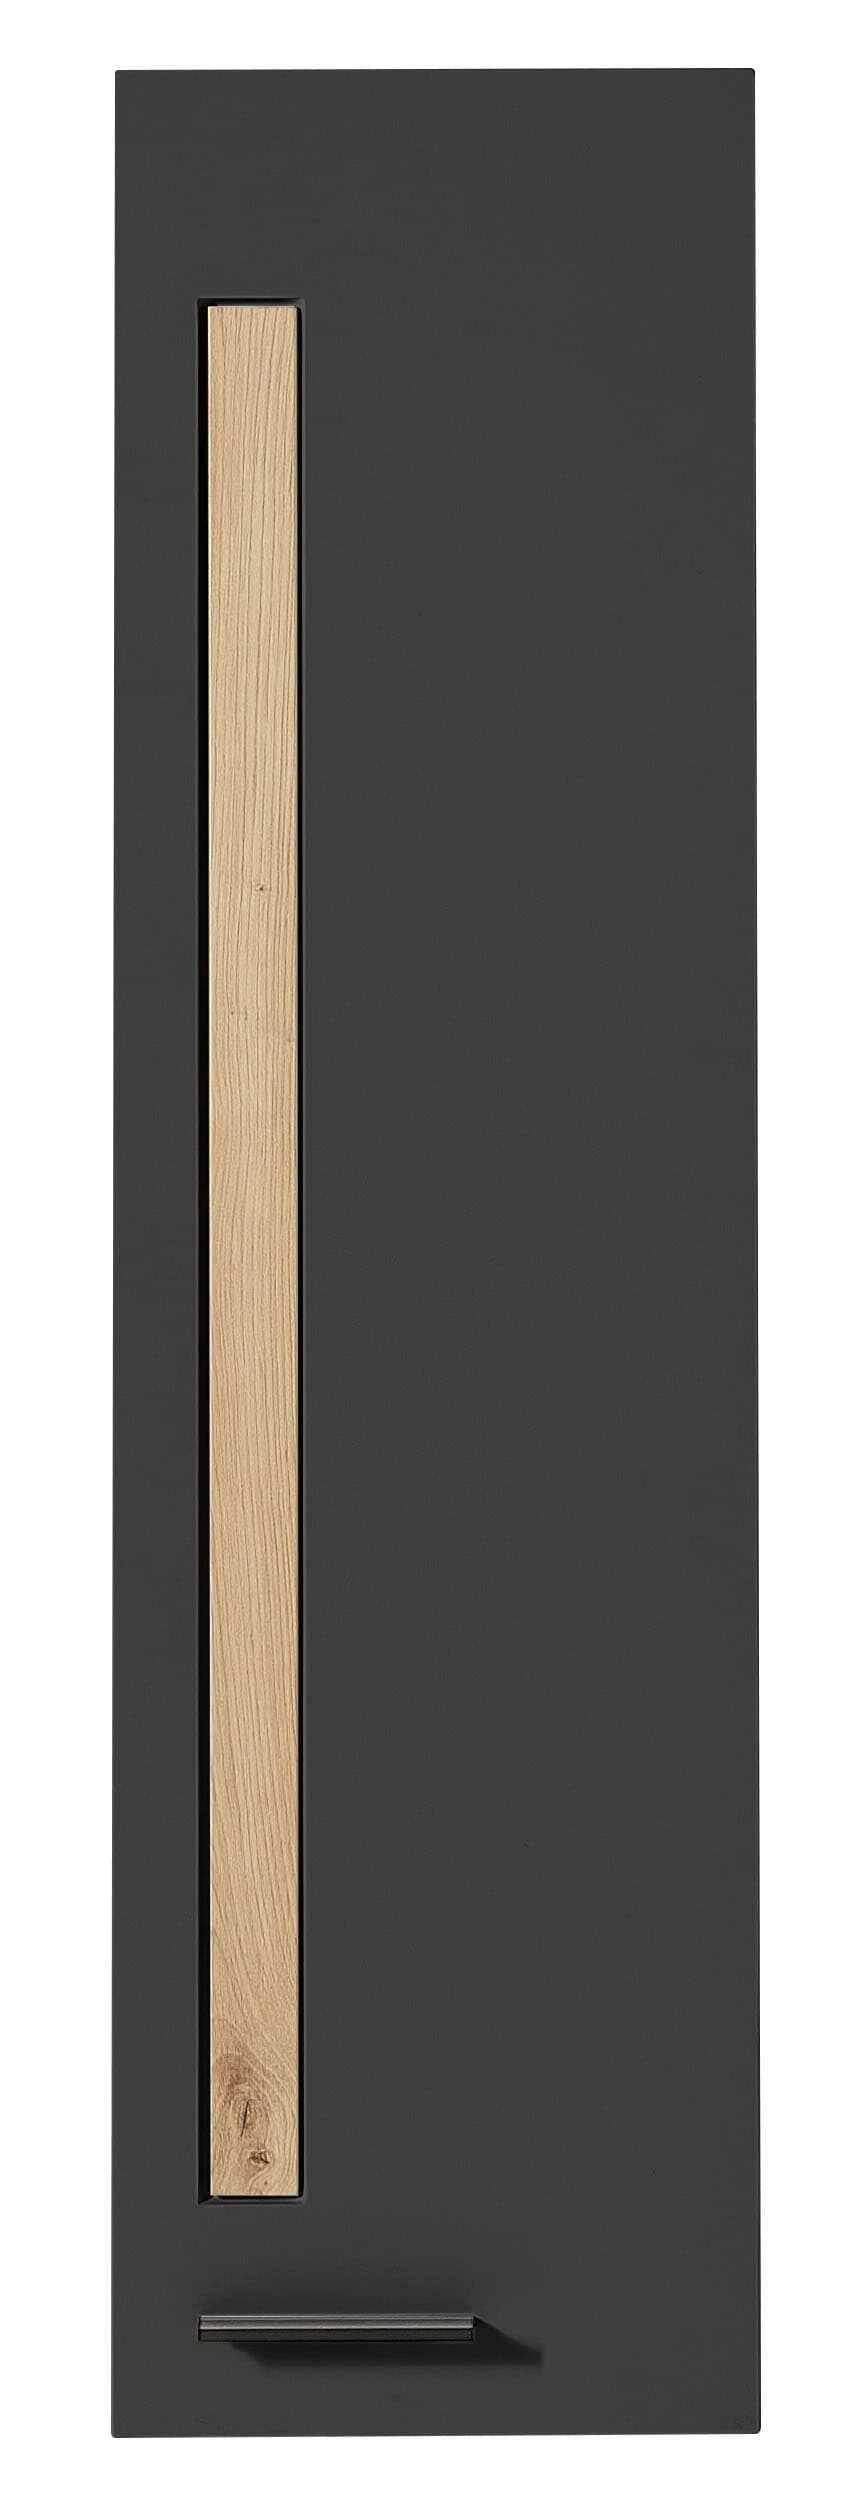 Cabinet suspendat din MDF cu 1 usa Loftis Grafit / Stejar, l36xA37xH128 cm la pret 828 lei